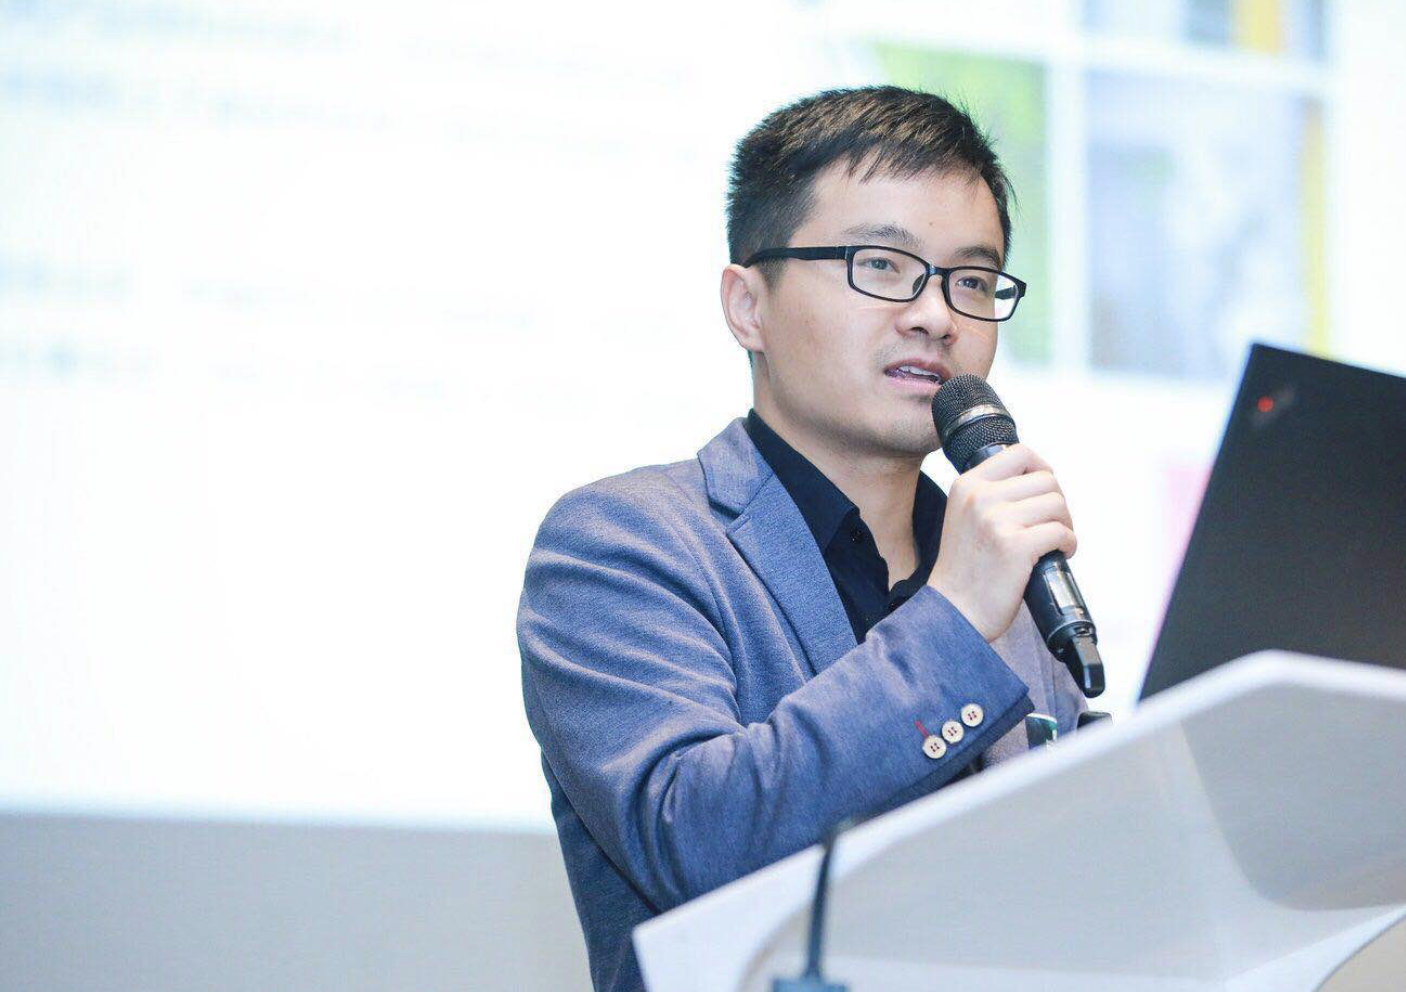 国外芯片技术交流-RISC-V对于中国处理器产业真的是最后一次机会?risc-v单片机中文社区(1)